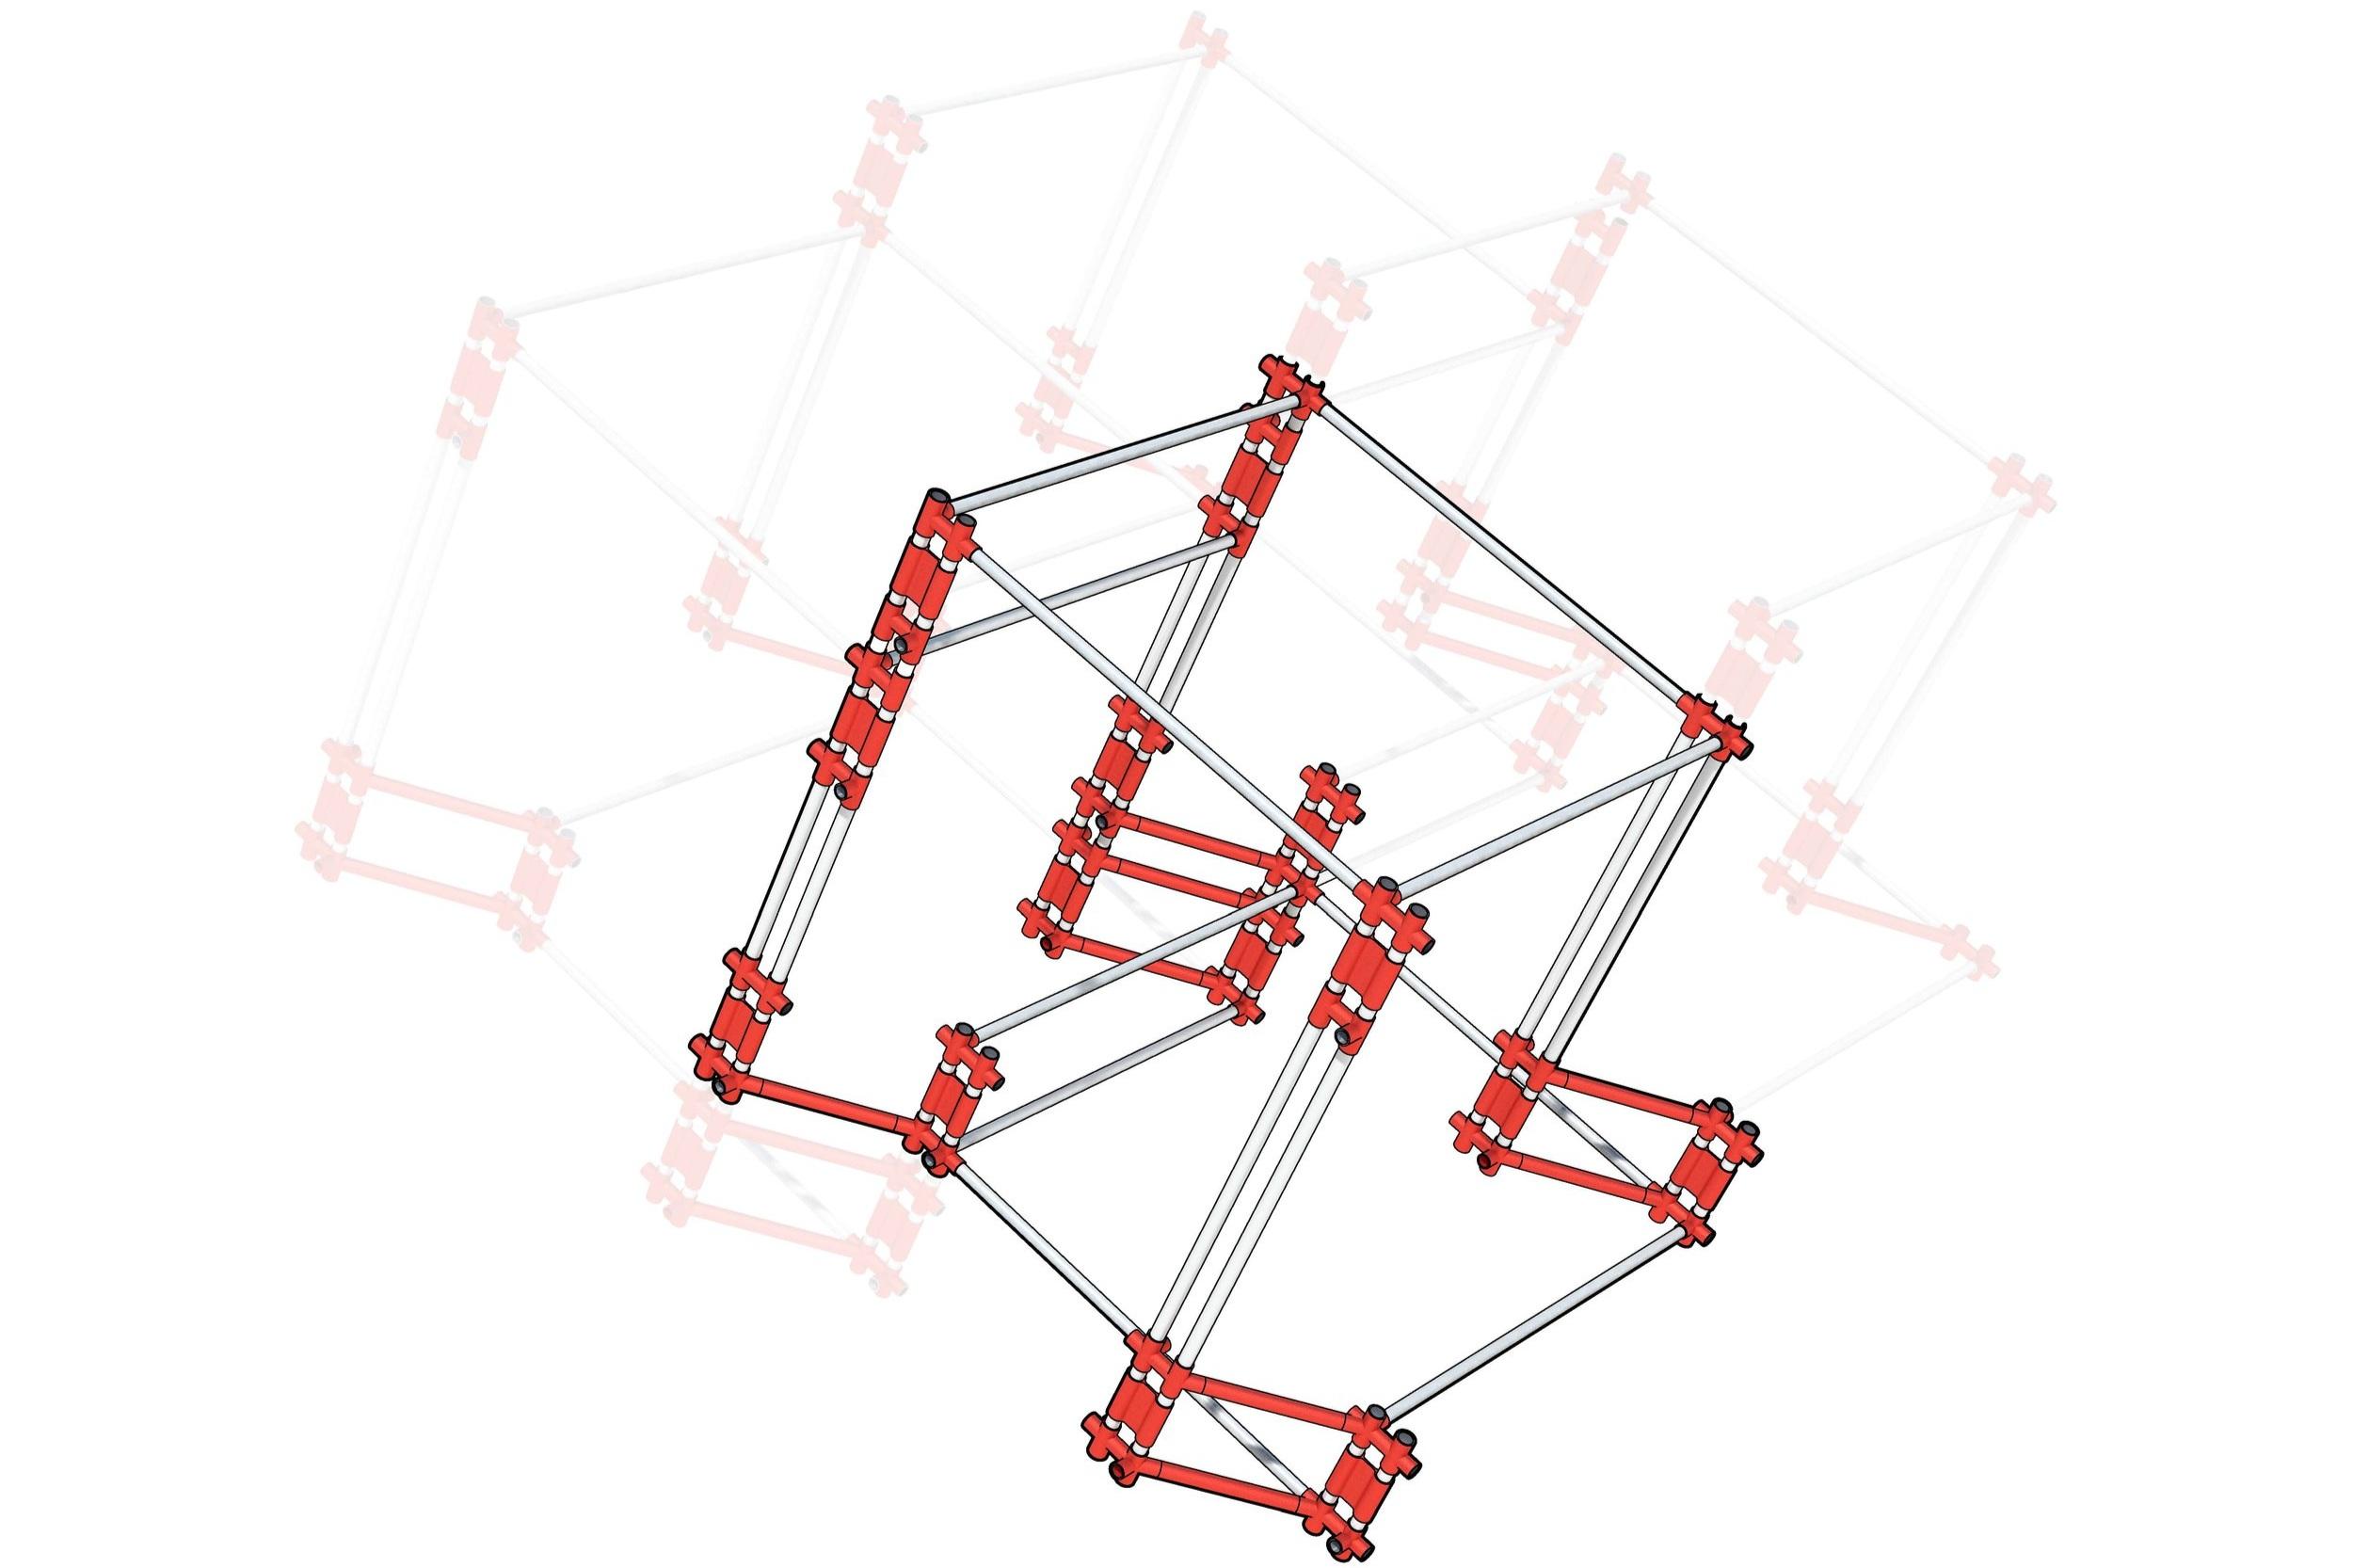 유니버설 조인트로 만들어진 기본 설계 유닛